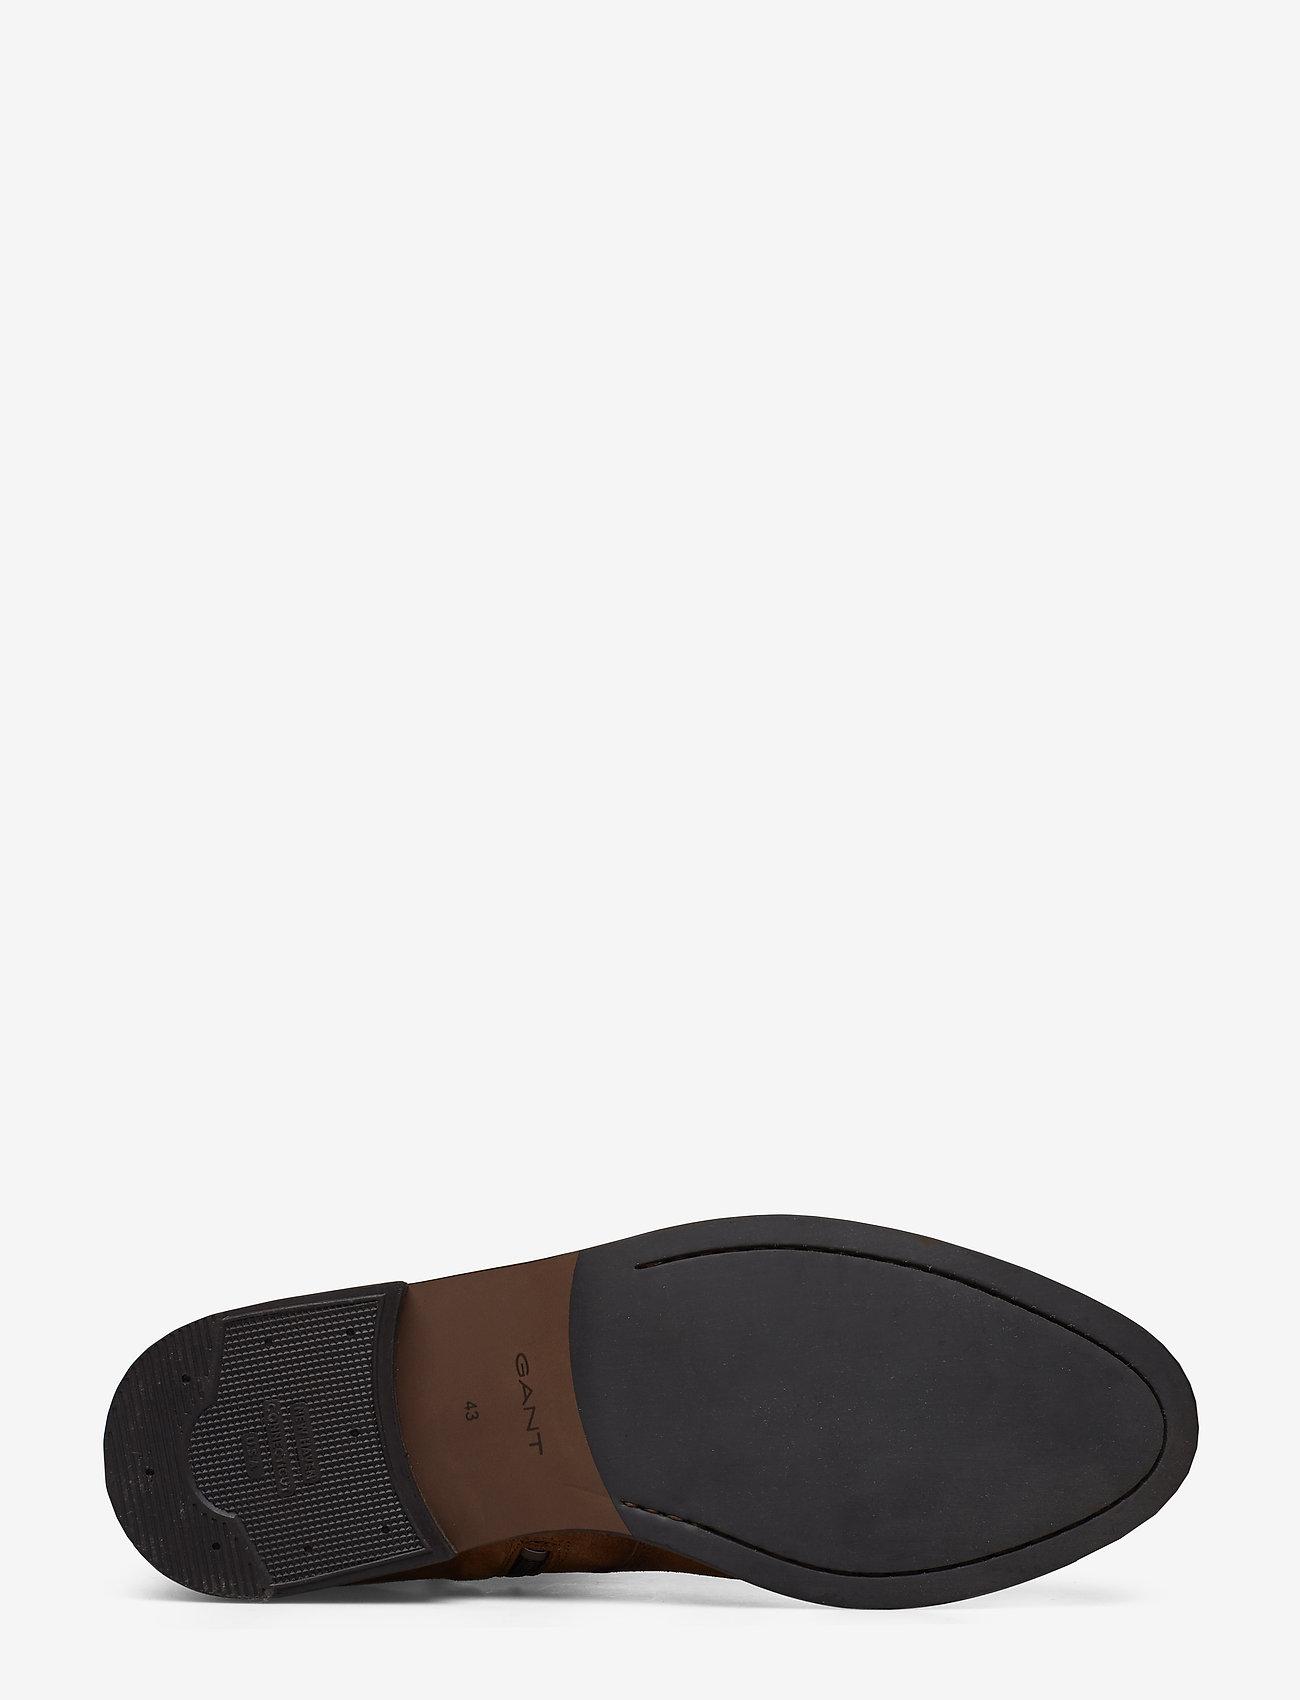 Max Mid Zip Boot (Cognac) - GANT